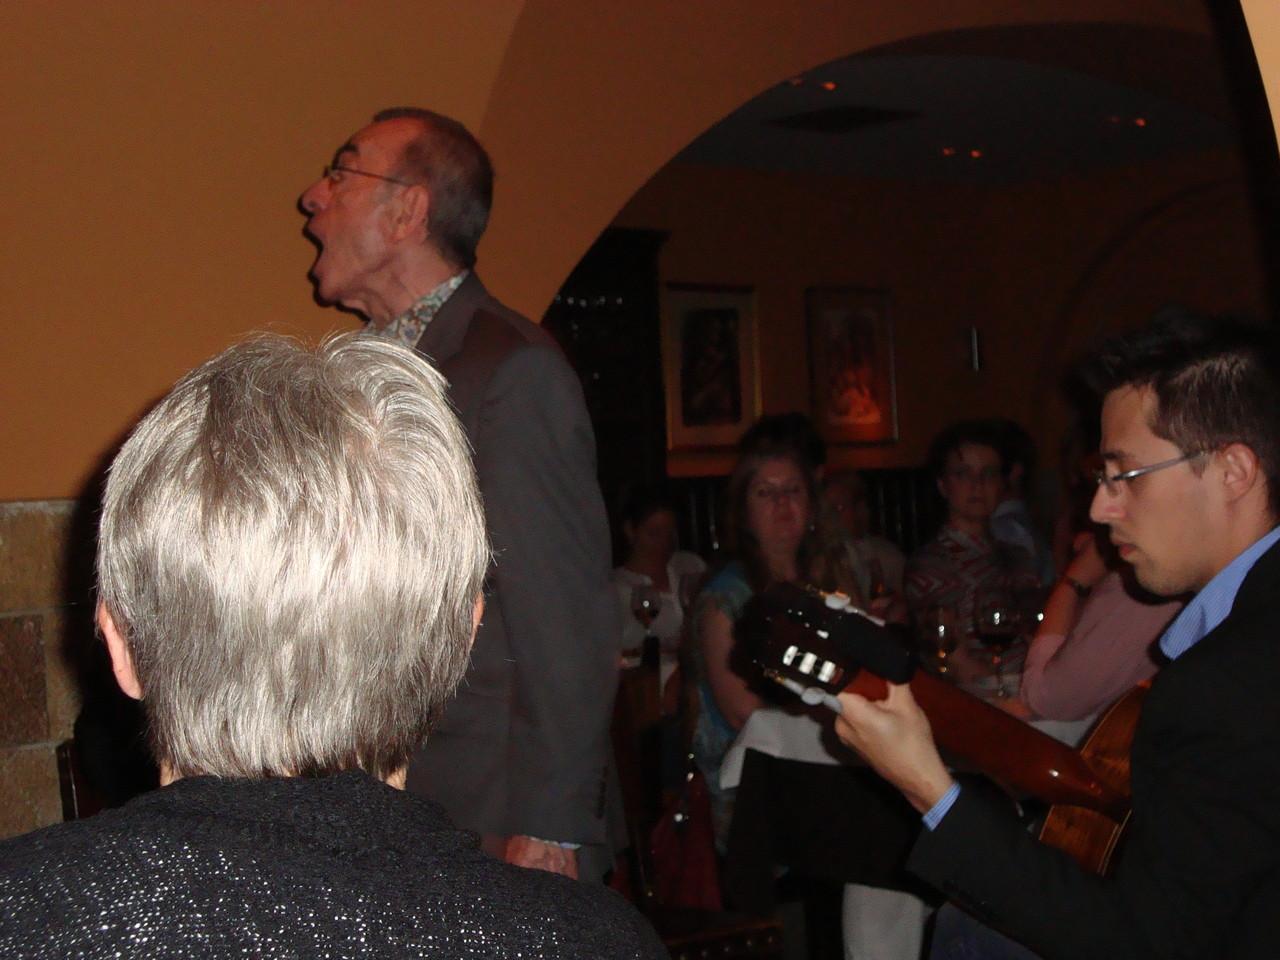 アントニオ・ロシャ 愛のある声、素晴らしいファディスタです。